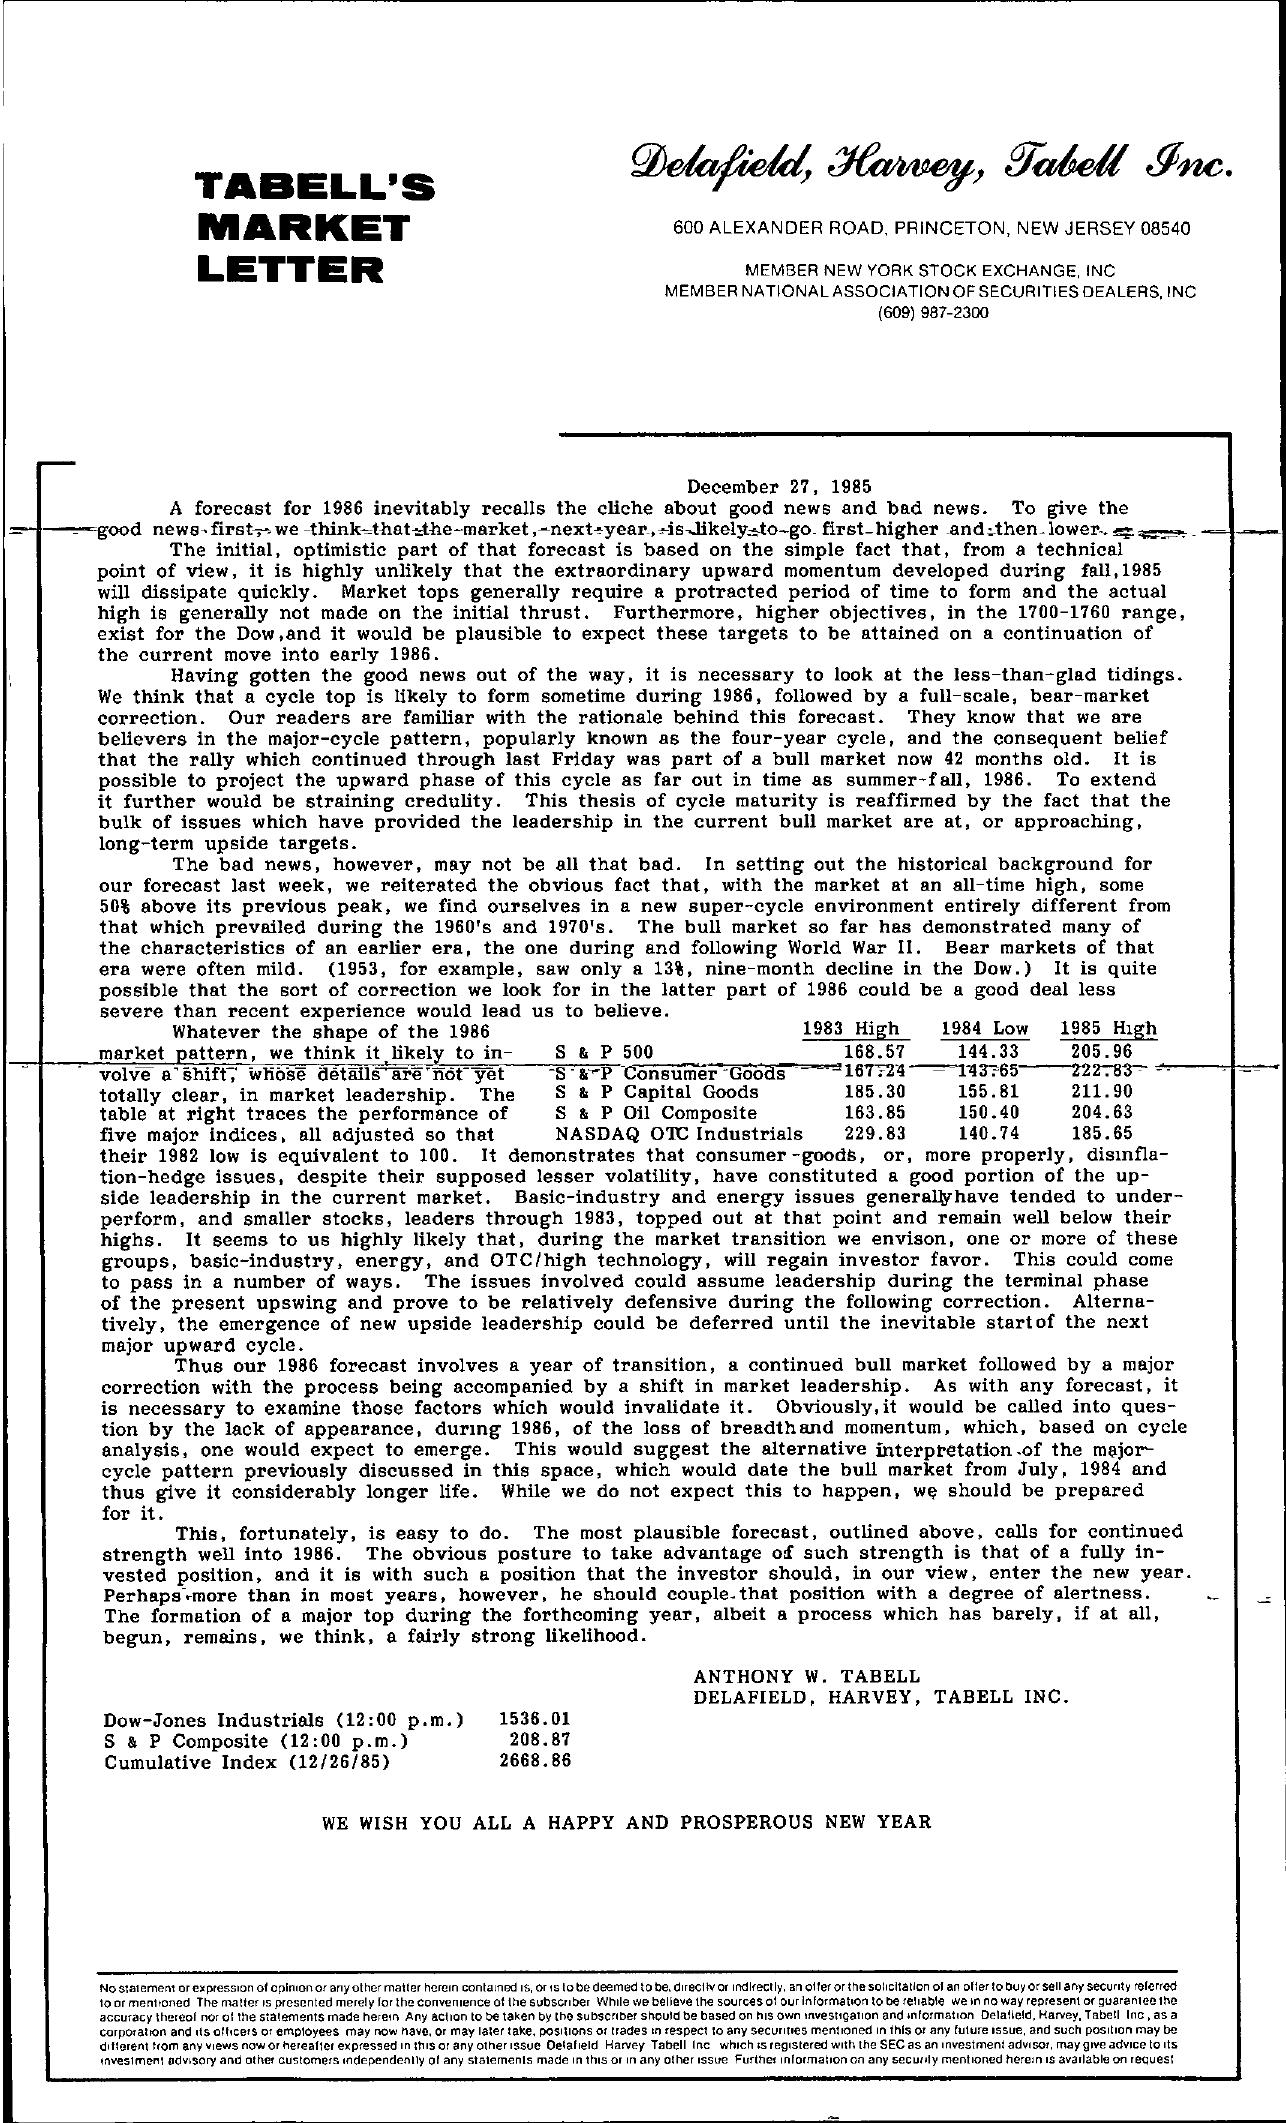 Tabell's Market Letter - December 27, 1985